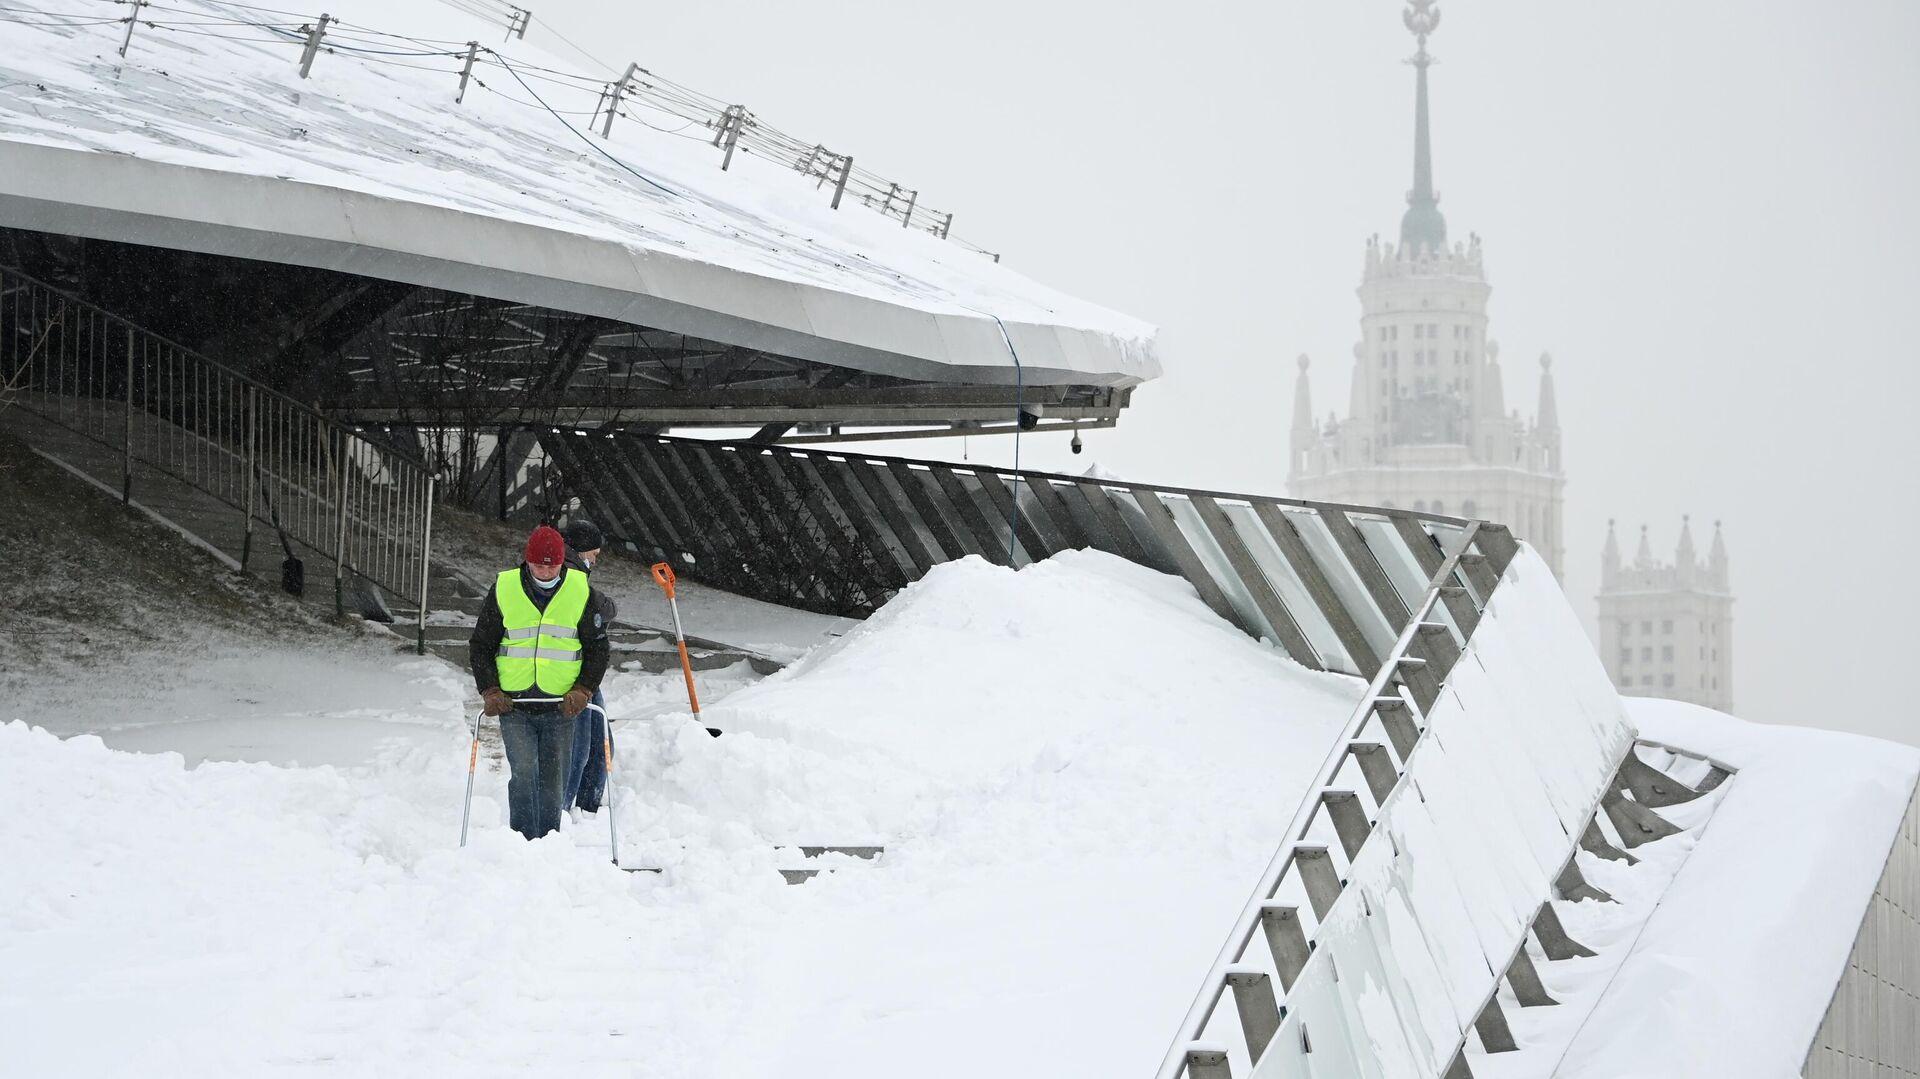 Сотрудники коммунальных служб убирают снег в природно-ландшафтном парке Зарядье в Москве - РИА Новости, 1920, 14.02.2021